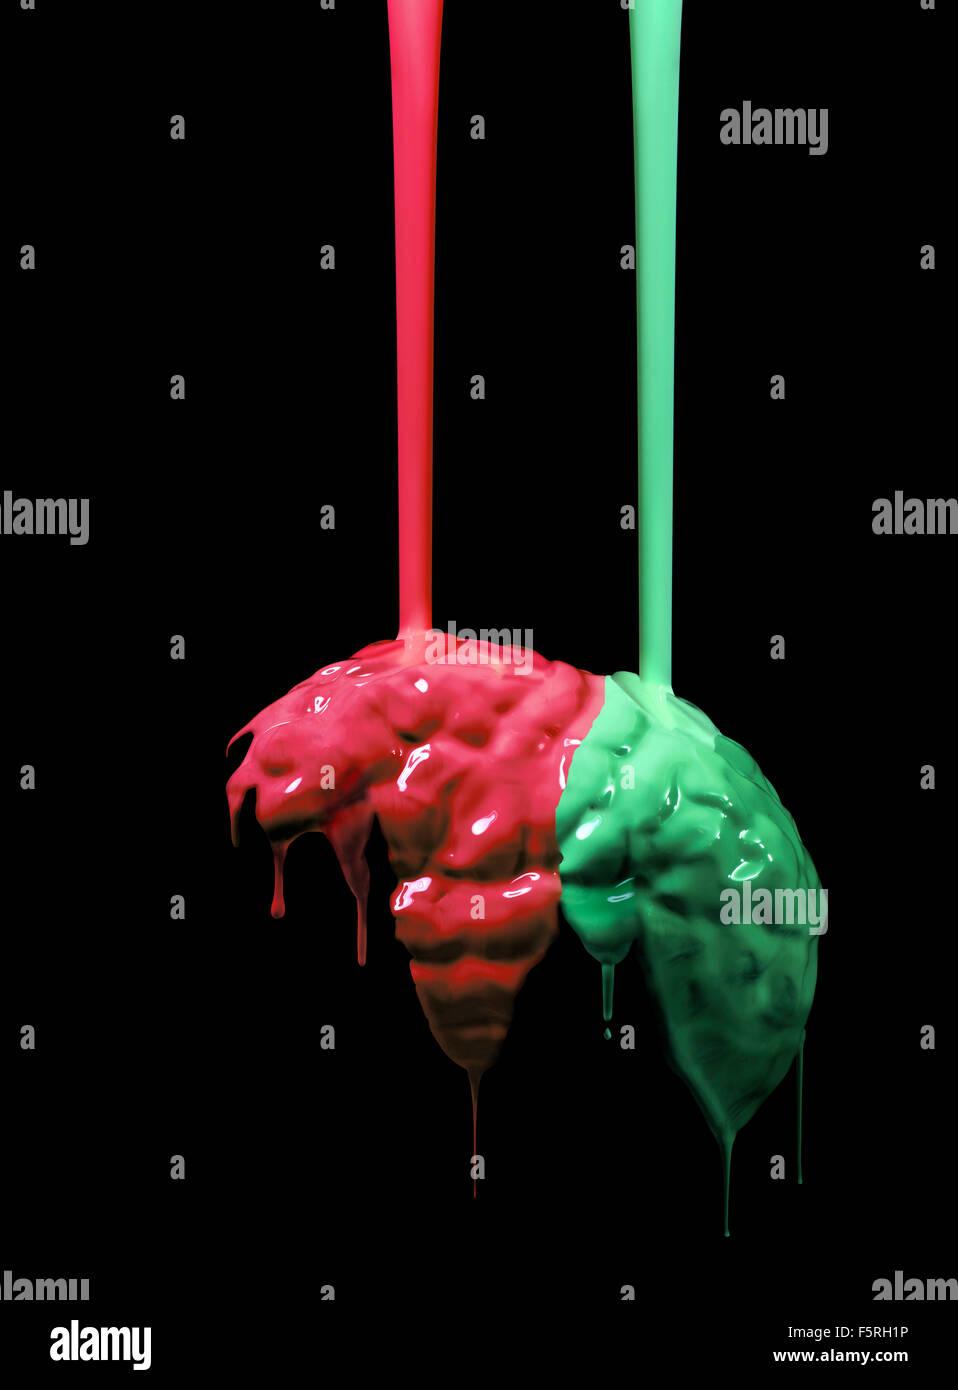 Studioaufnahme von roten und grünen Farbe übergossen ein Modell menschlichen Gehirn Stockbild